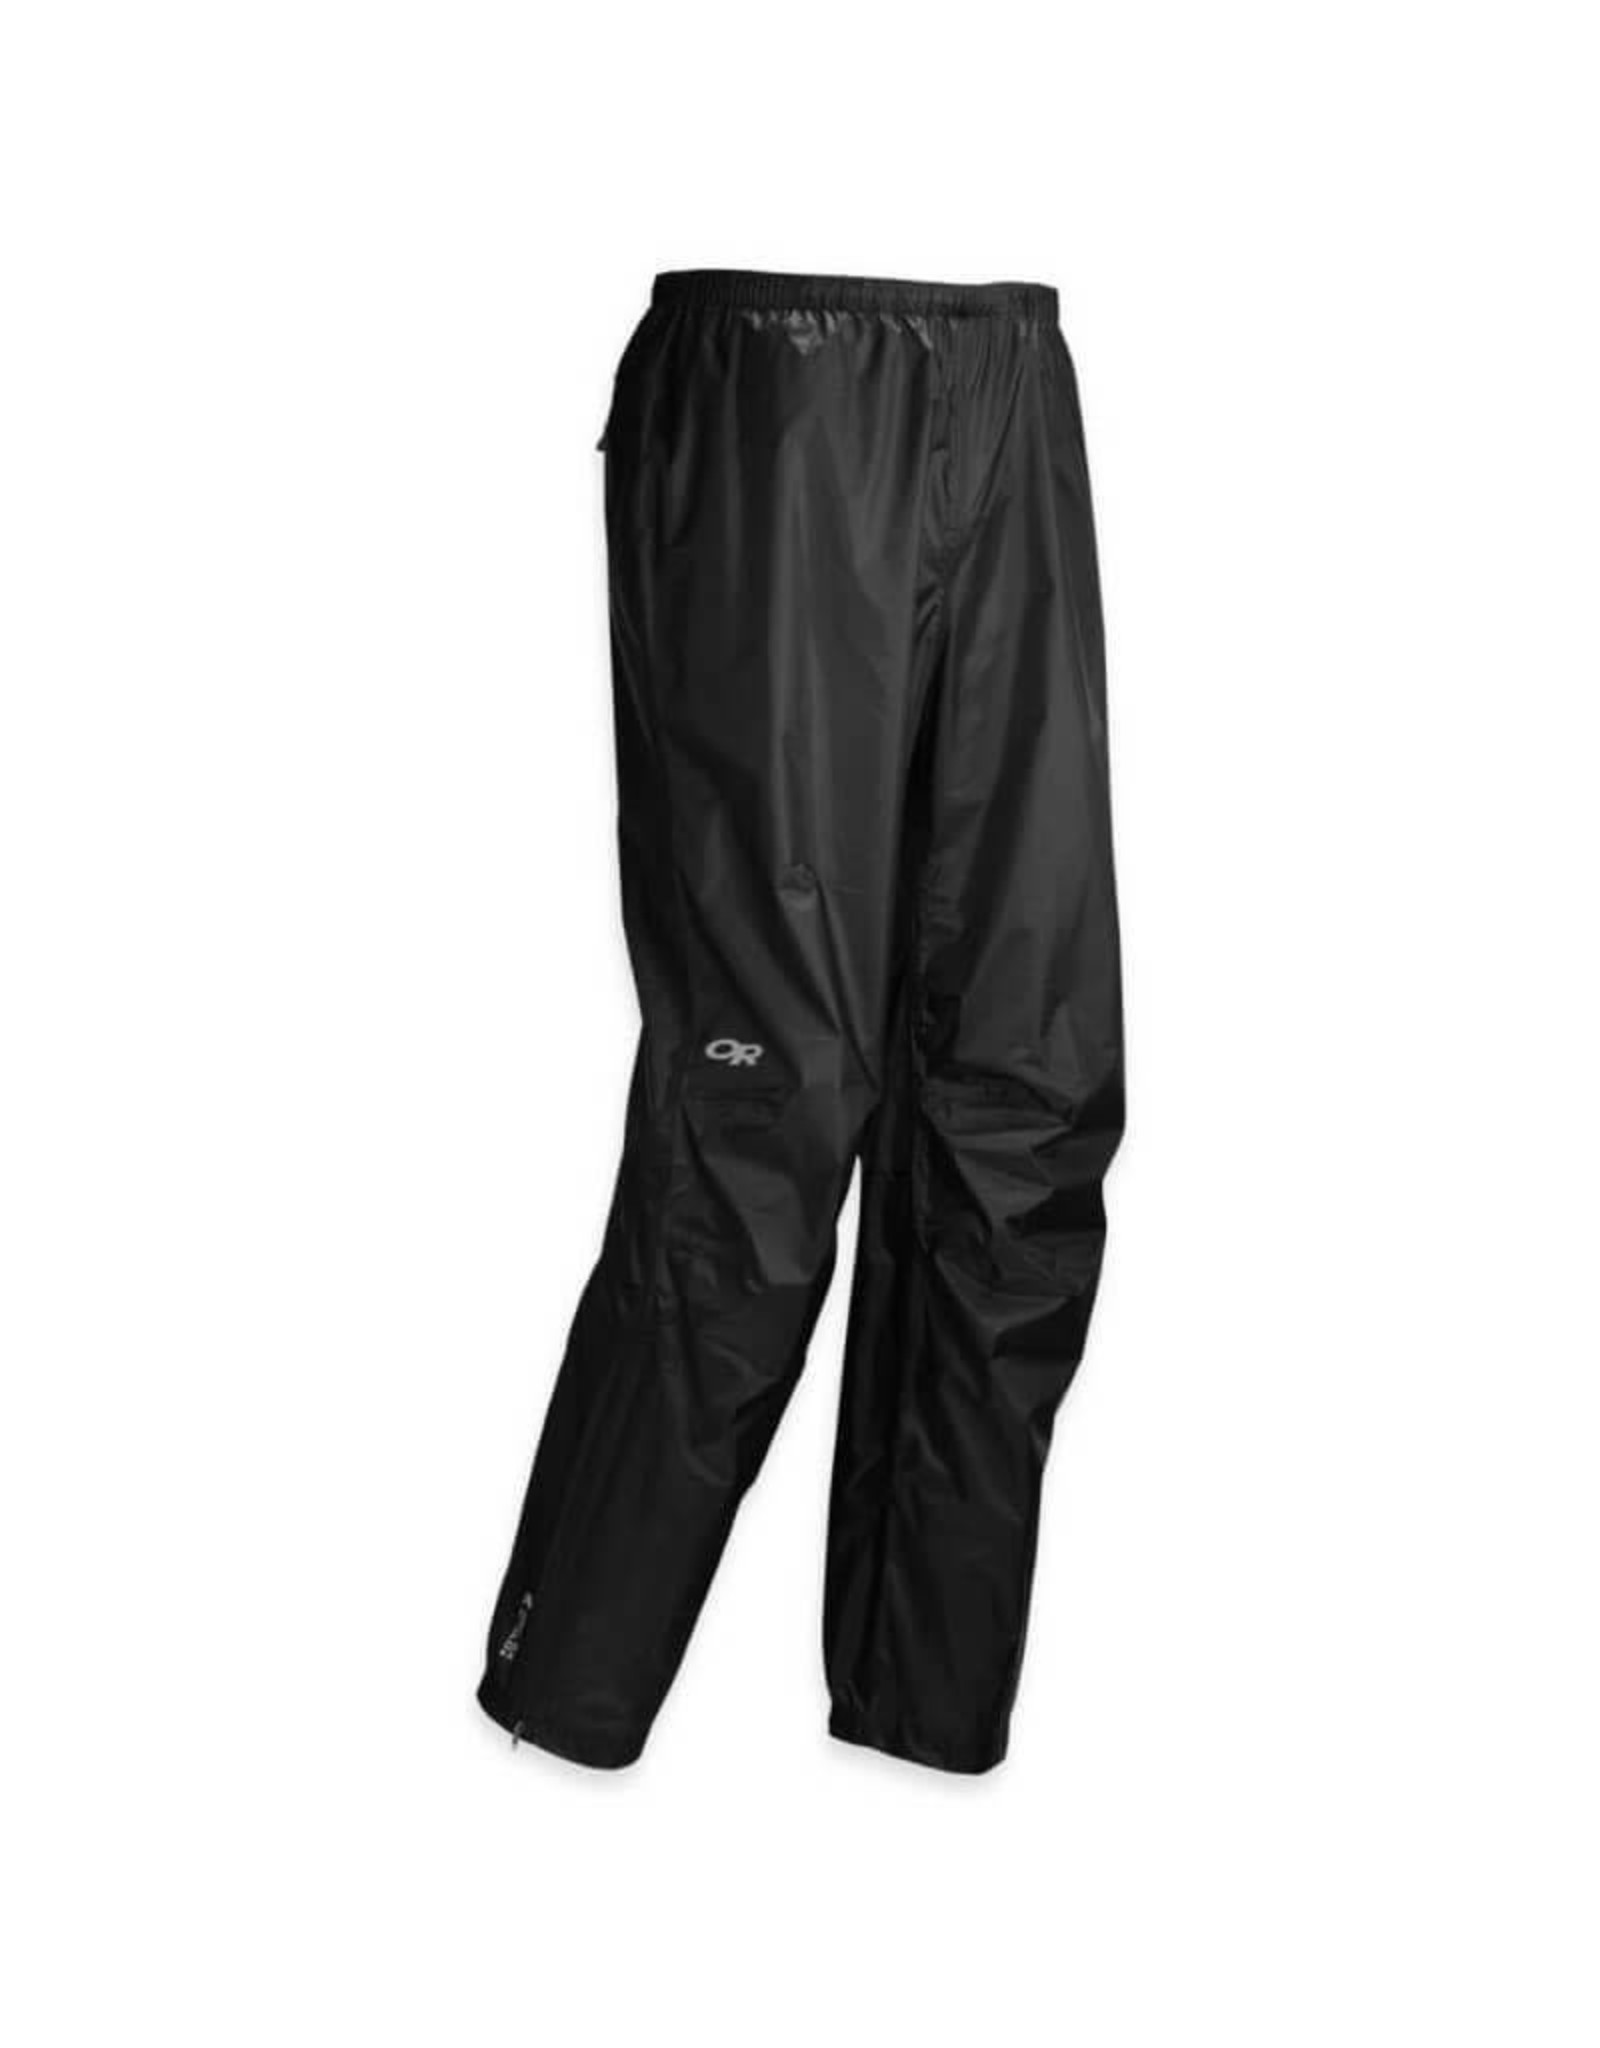 Outdoor Research Outdoor Research Helium Pants - Men